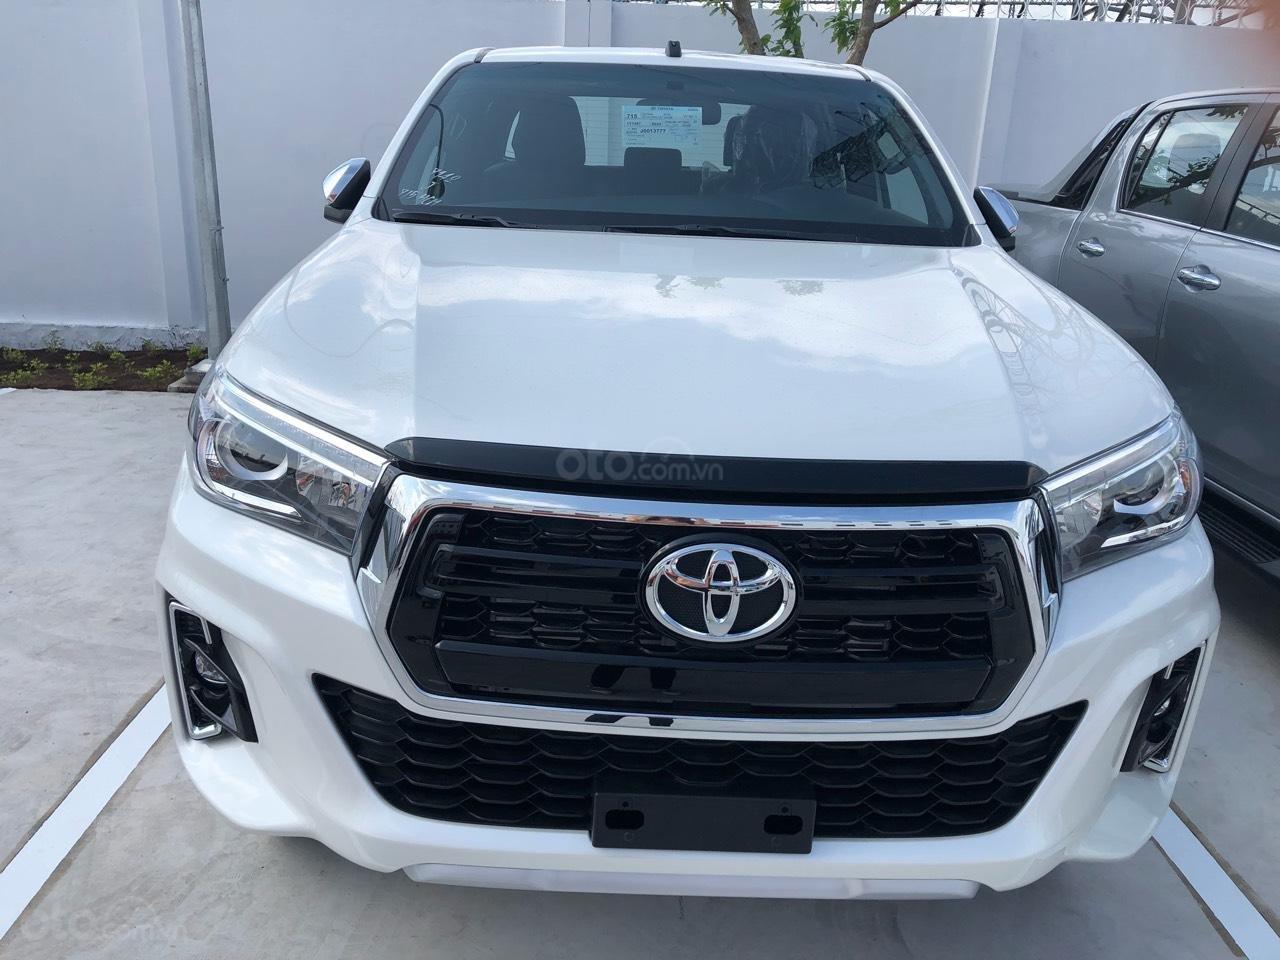 Toyota Hilux 2.8Q (4X4) 2 cầu, màu trắng, xe nhập, giao ngay, xe mới 100%-0